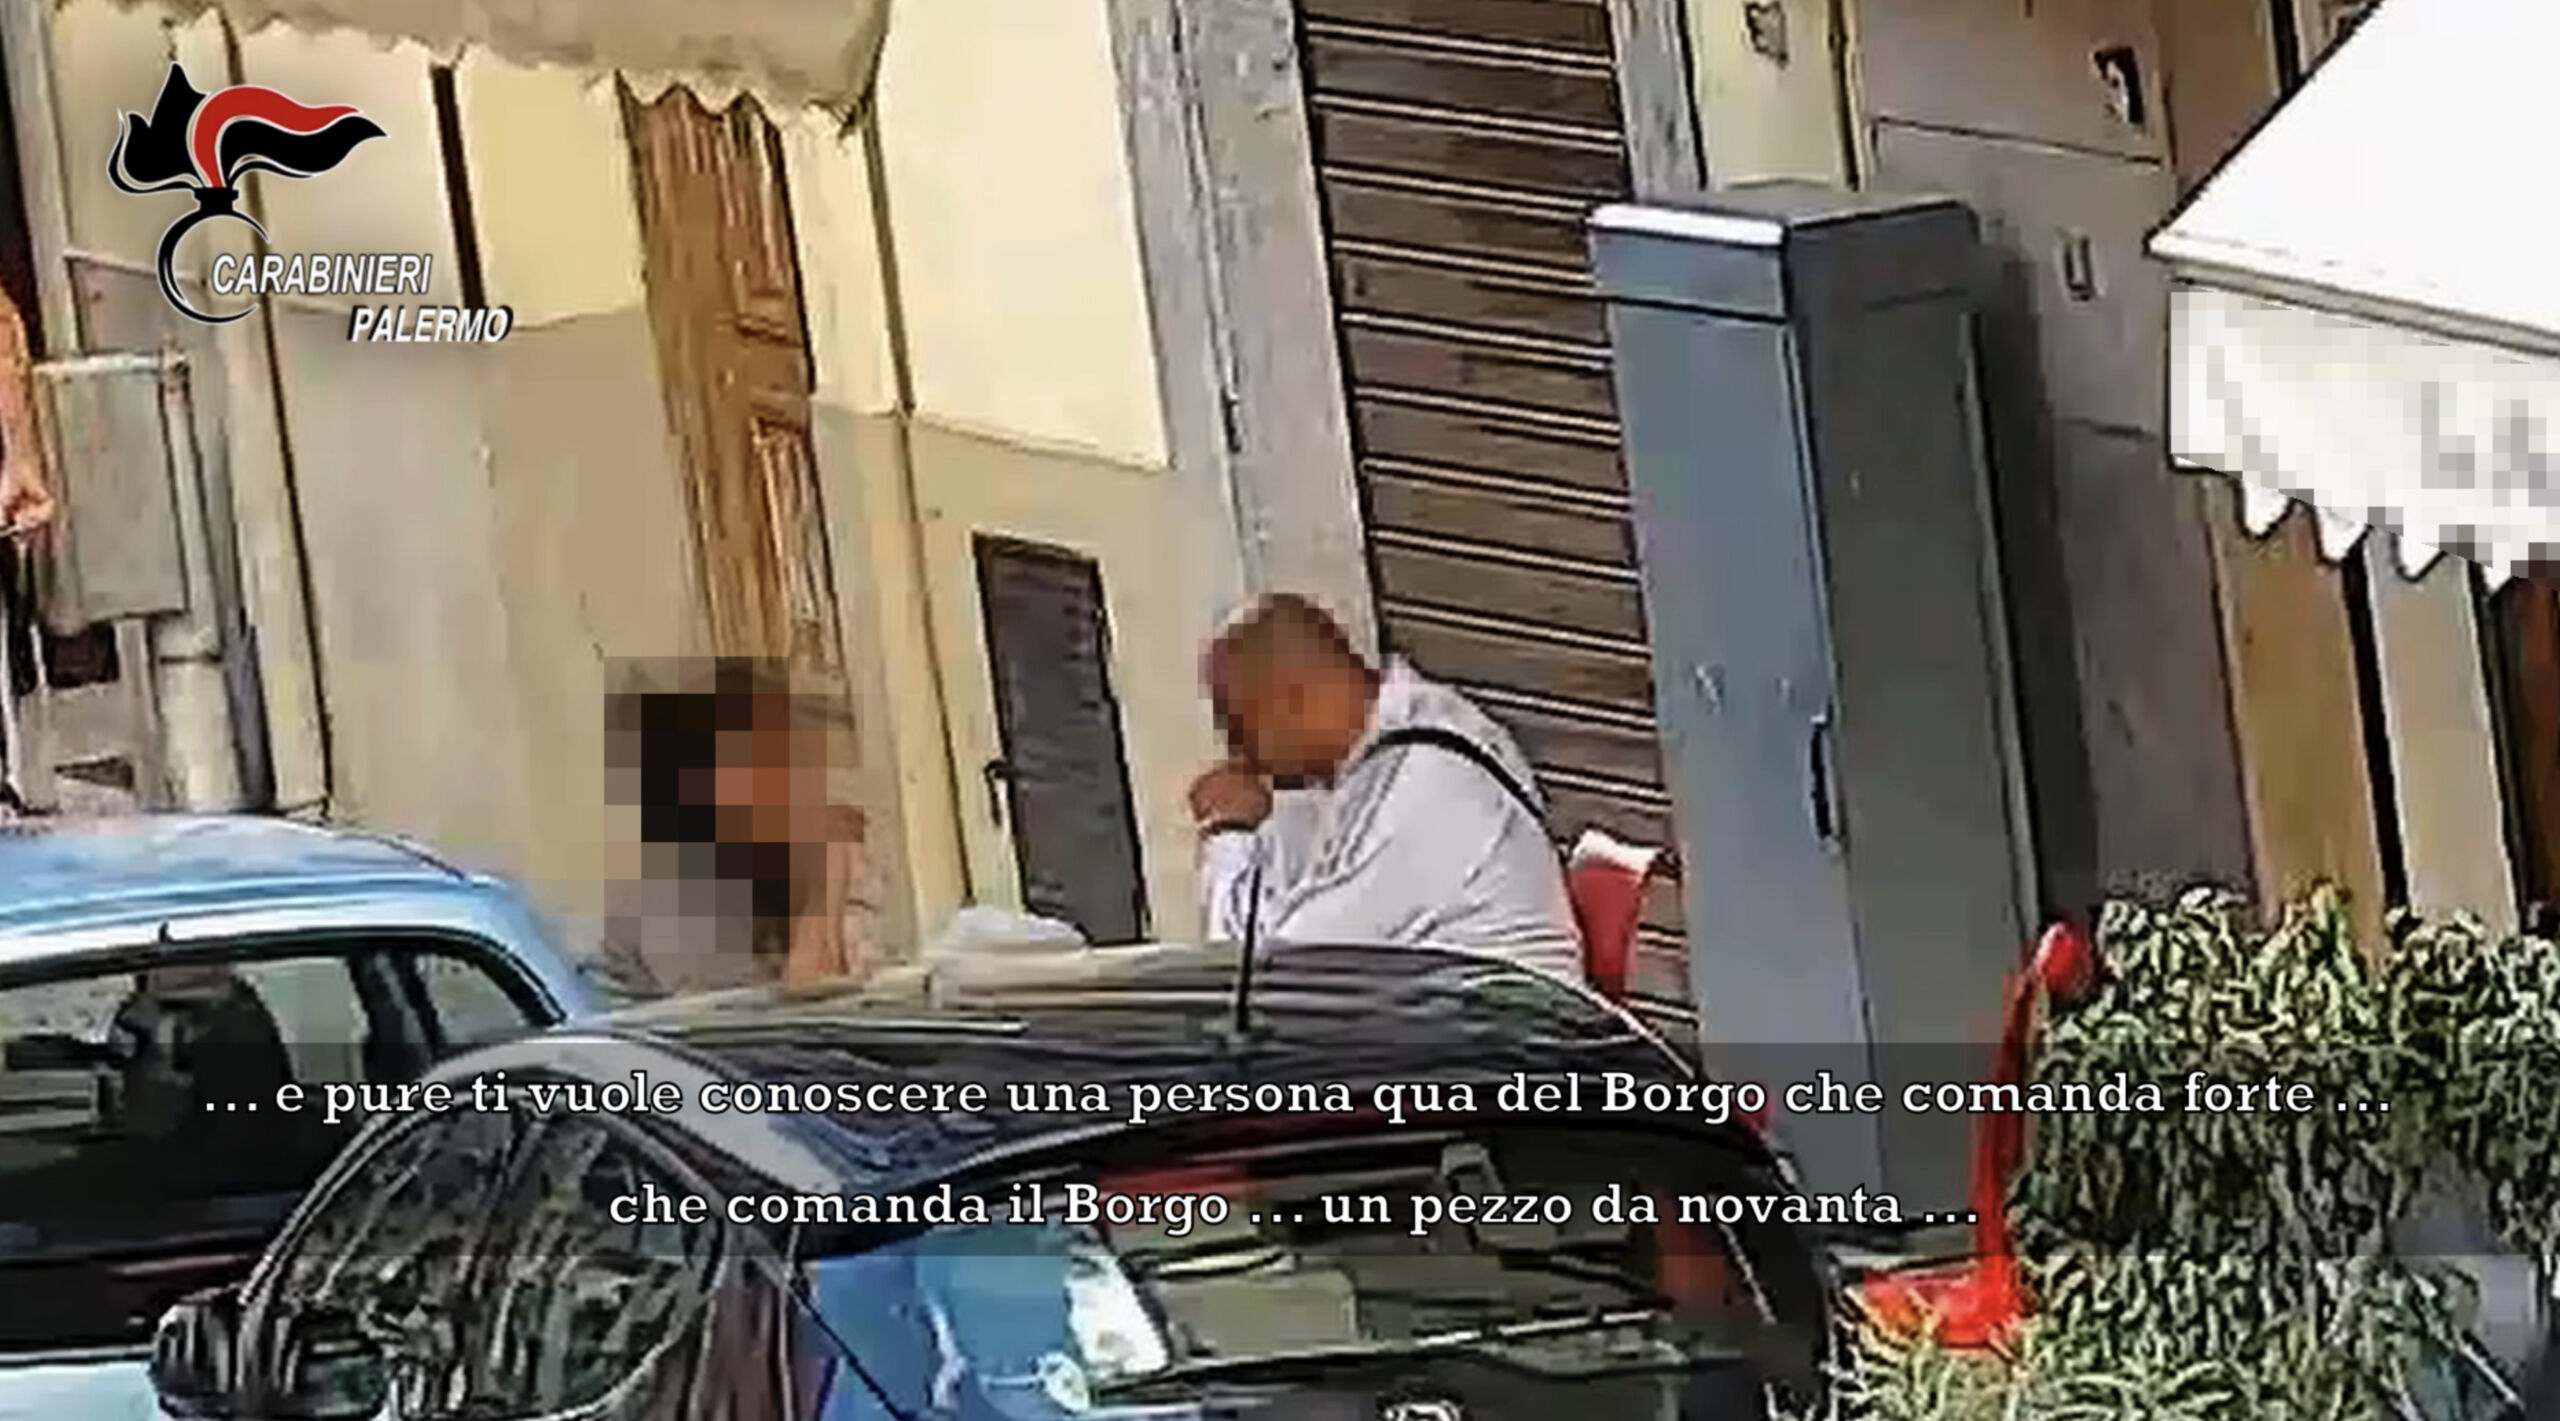 Mafia, i commercianti del Borgo Vecchio di Palermo si ribellano al racket: 20 arresti, nomi e foto